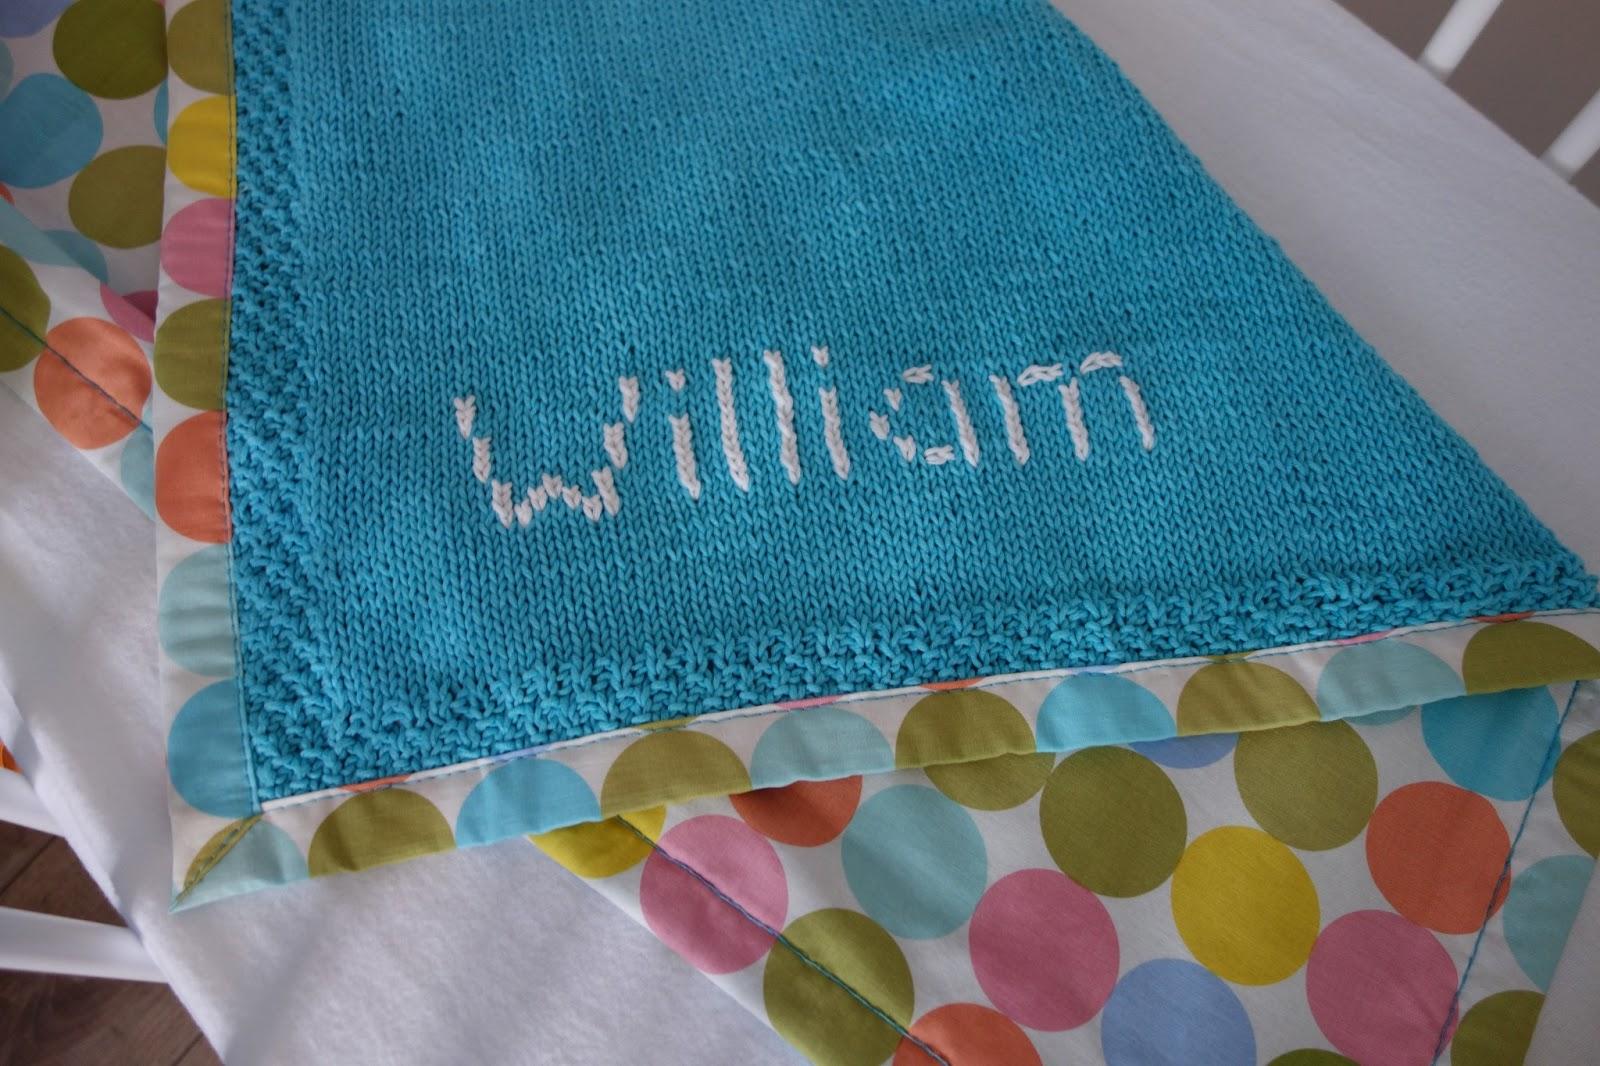 l u0026 39 atelier de gwen  tricot b u00e9b u00e9   comment broder un pr u00e9nom sur une couverture tricot u00e9e